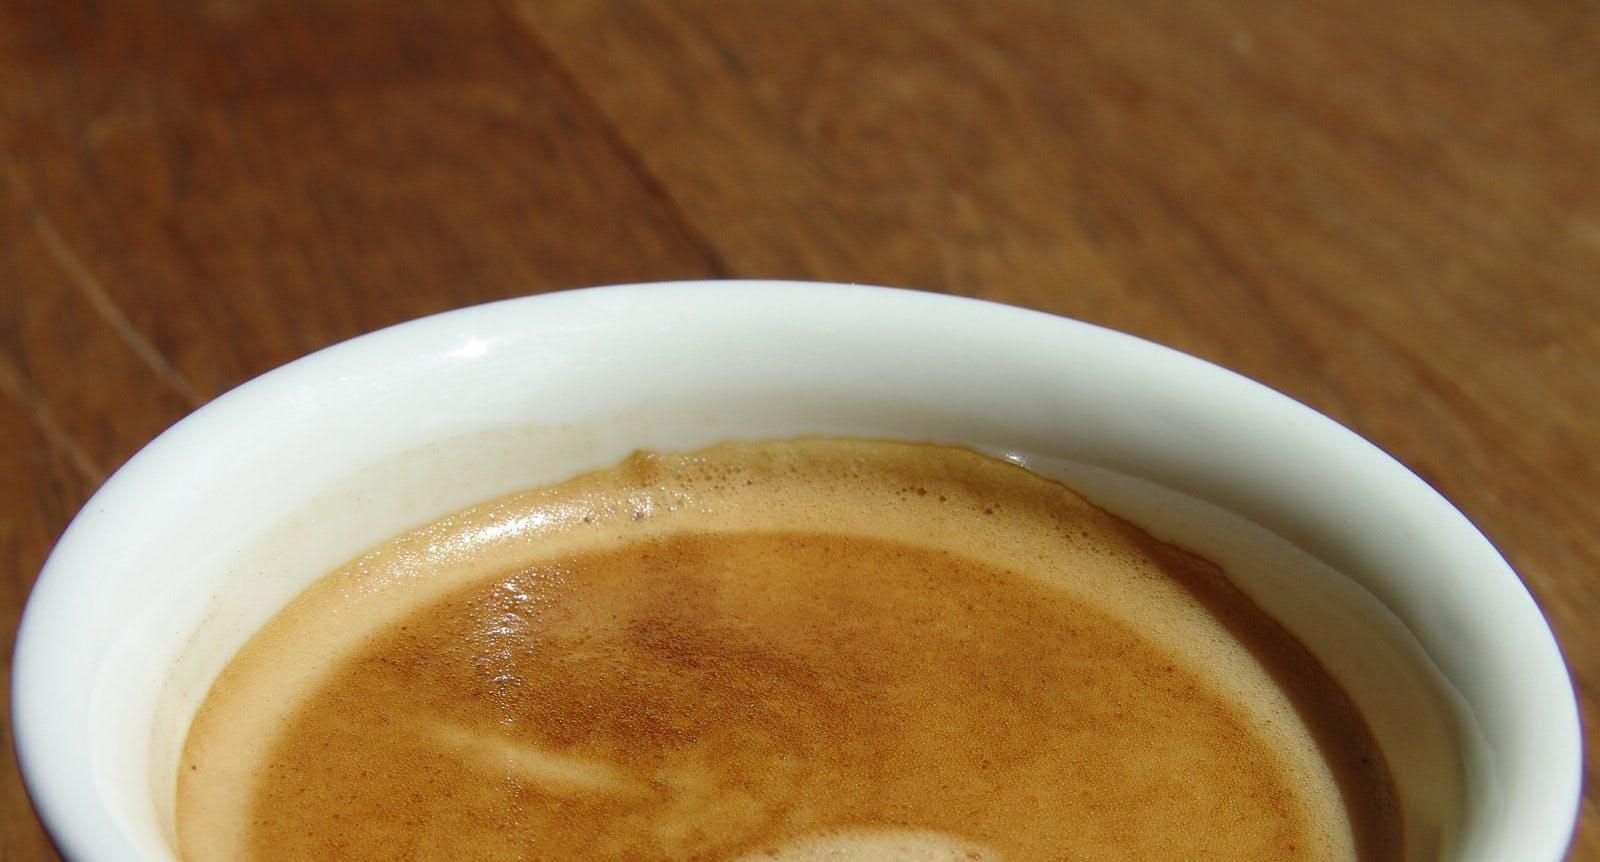 Kaffe eller inte kaffe?